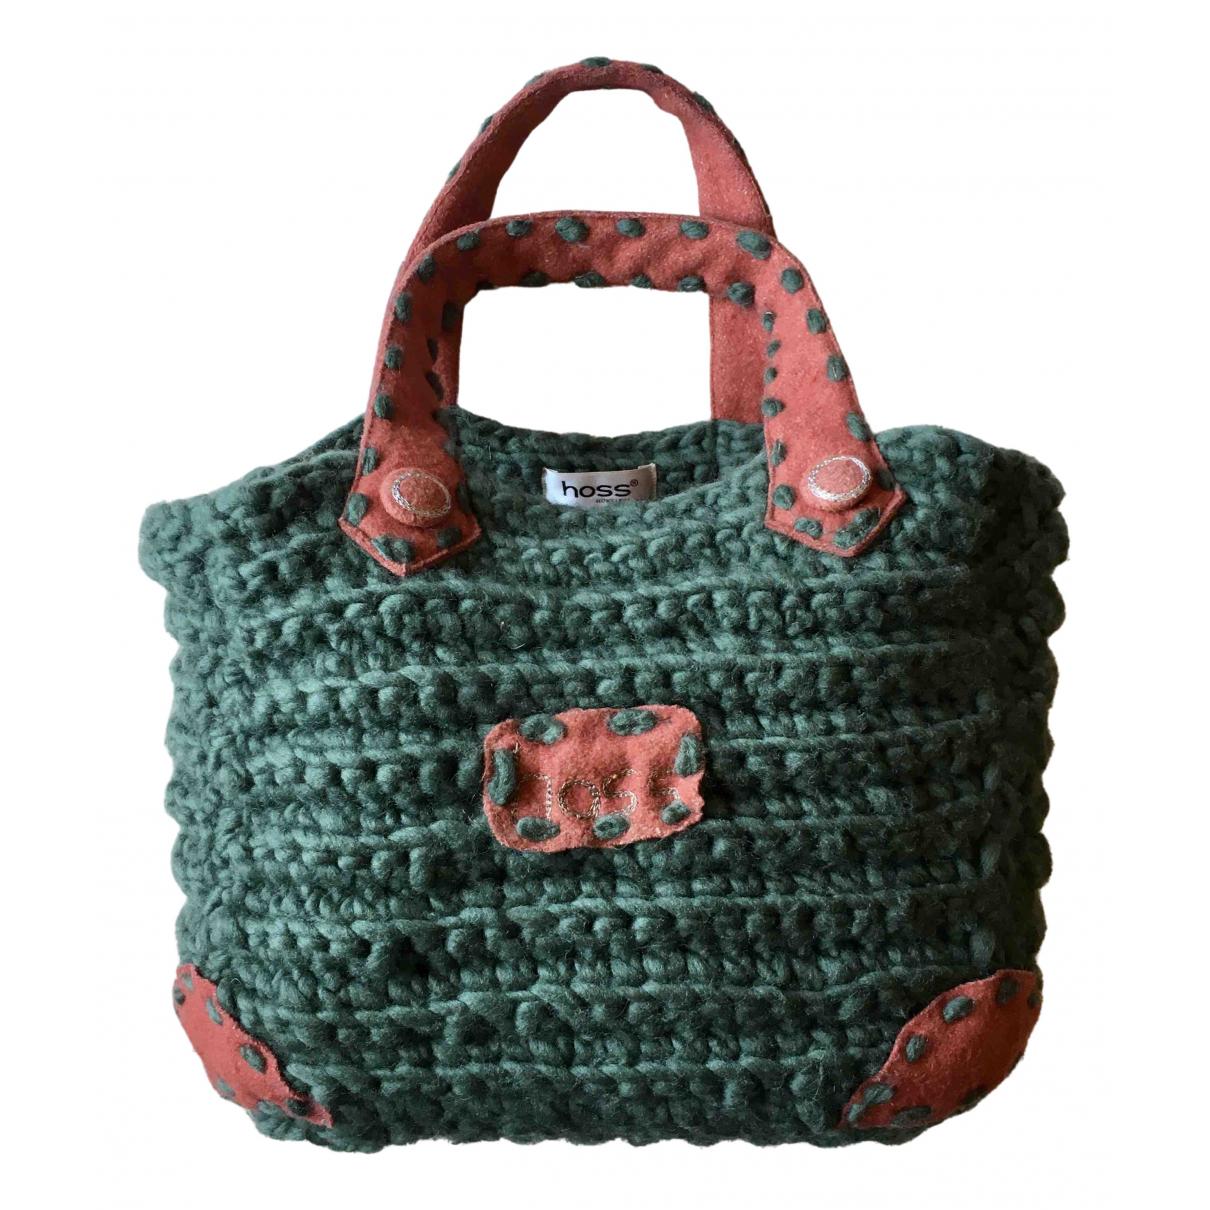 Hoss Intropia \N Handtasche in  Gruen Wolle